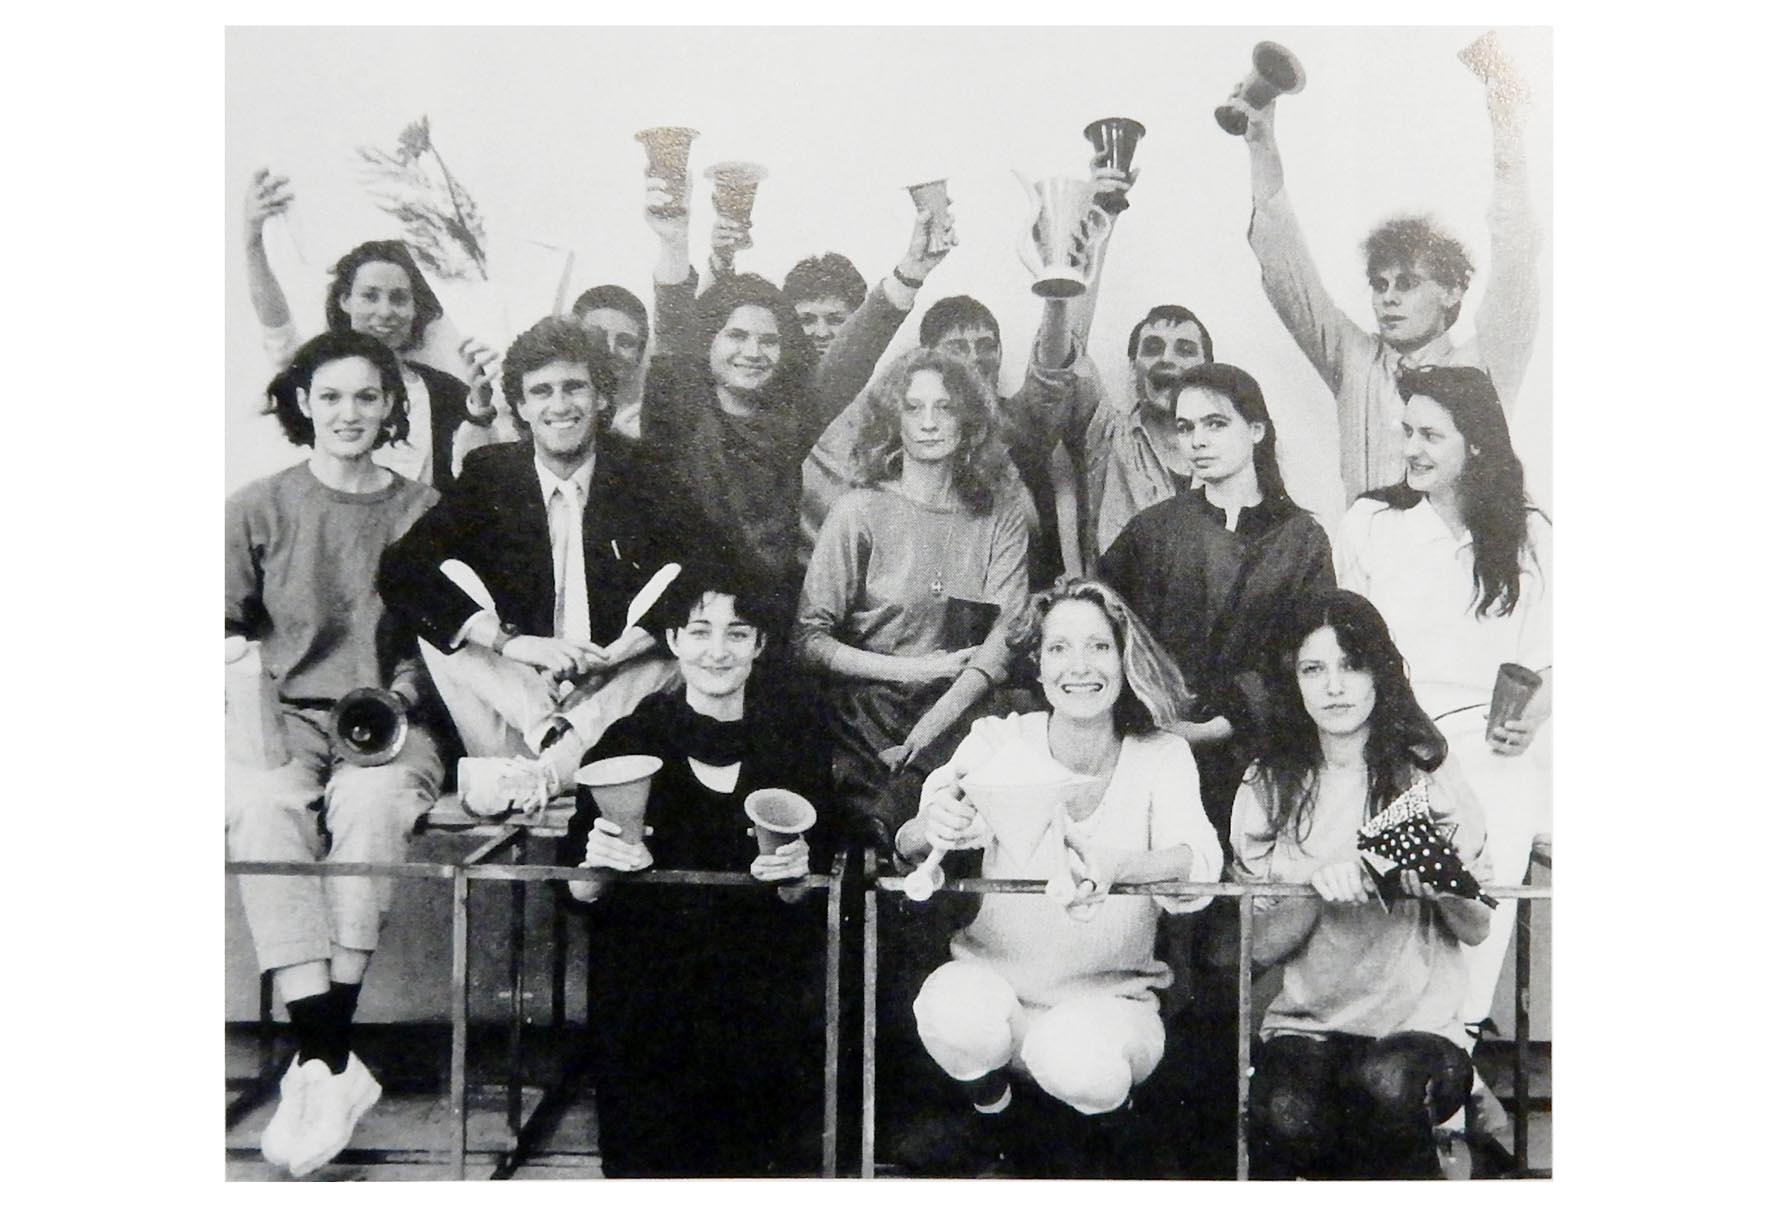 1984, Foto: Universität für Angewandte Kunst, Wien